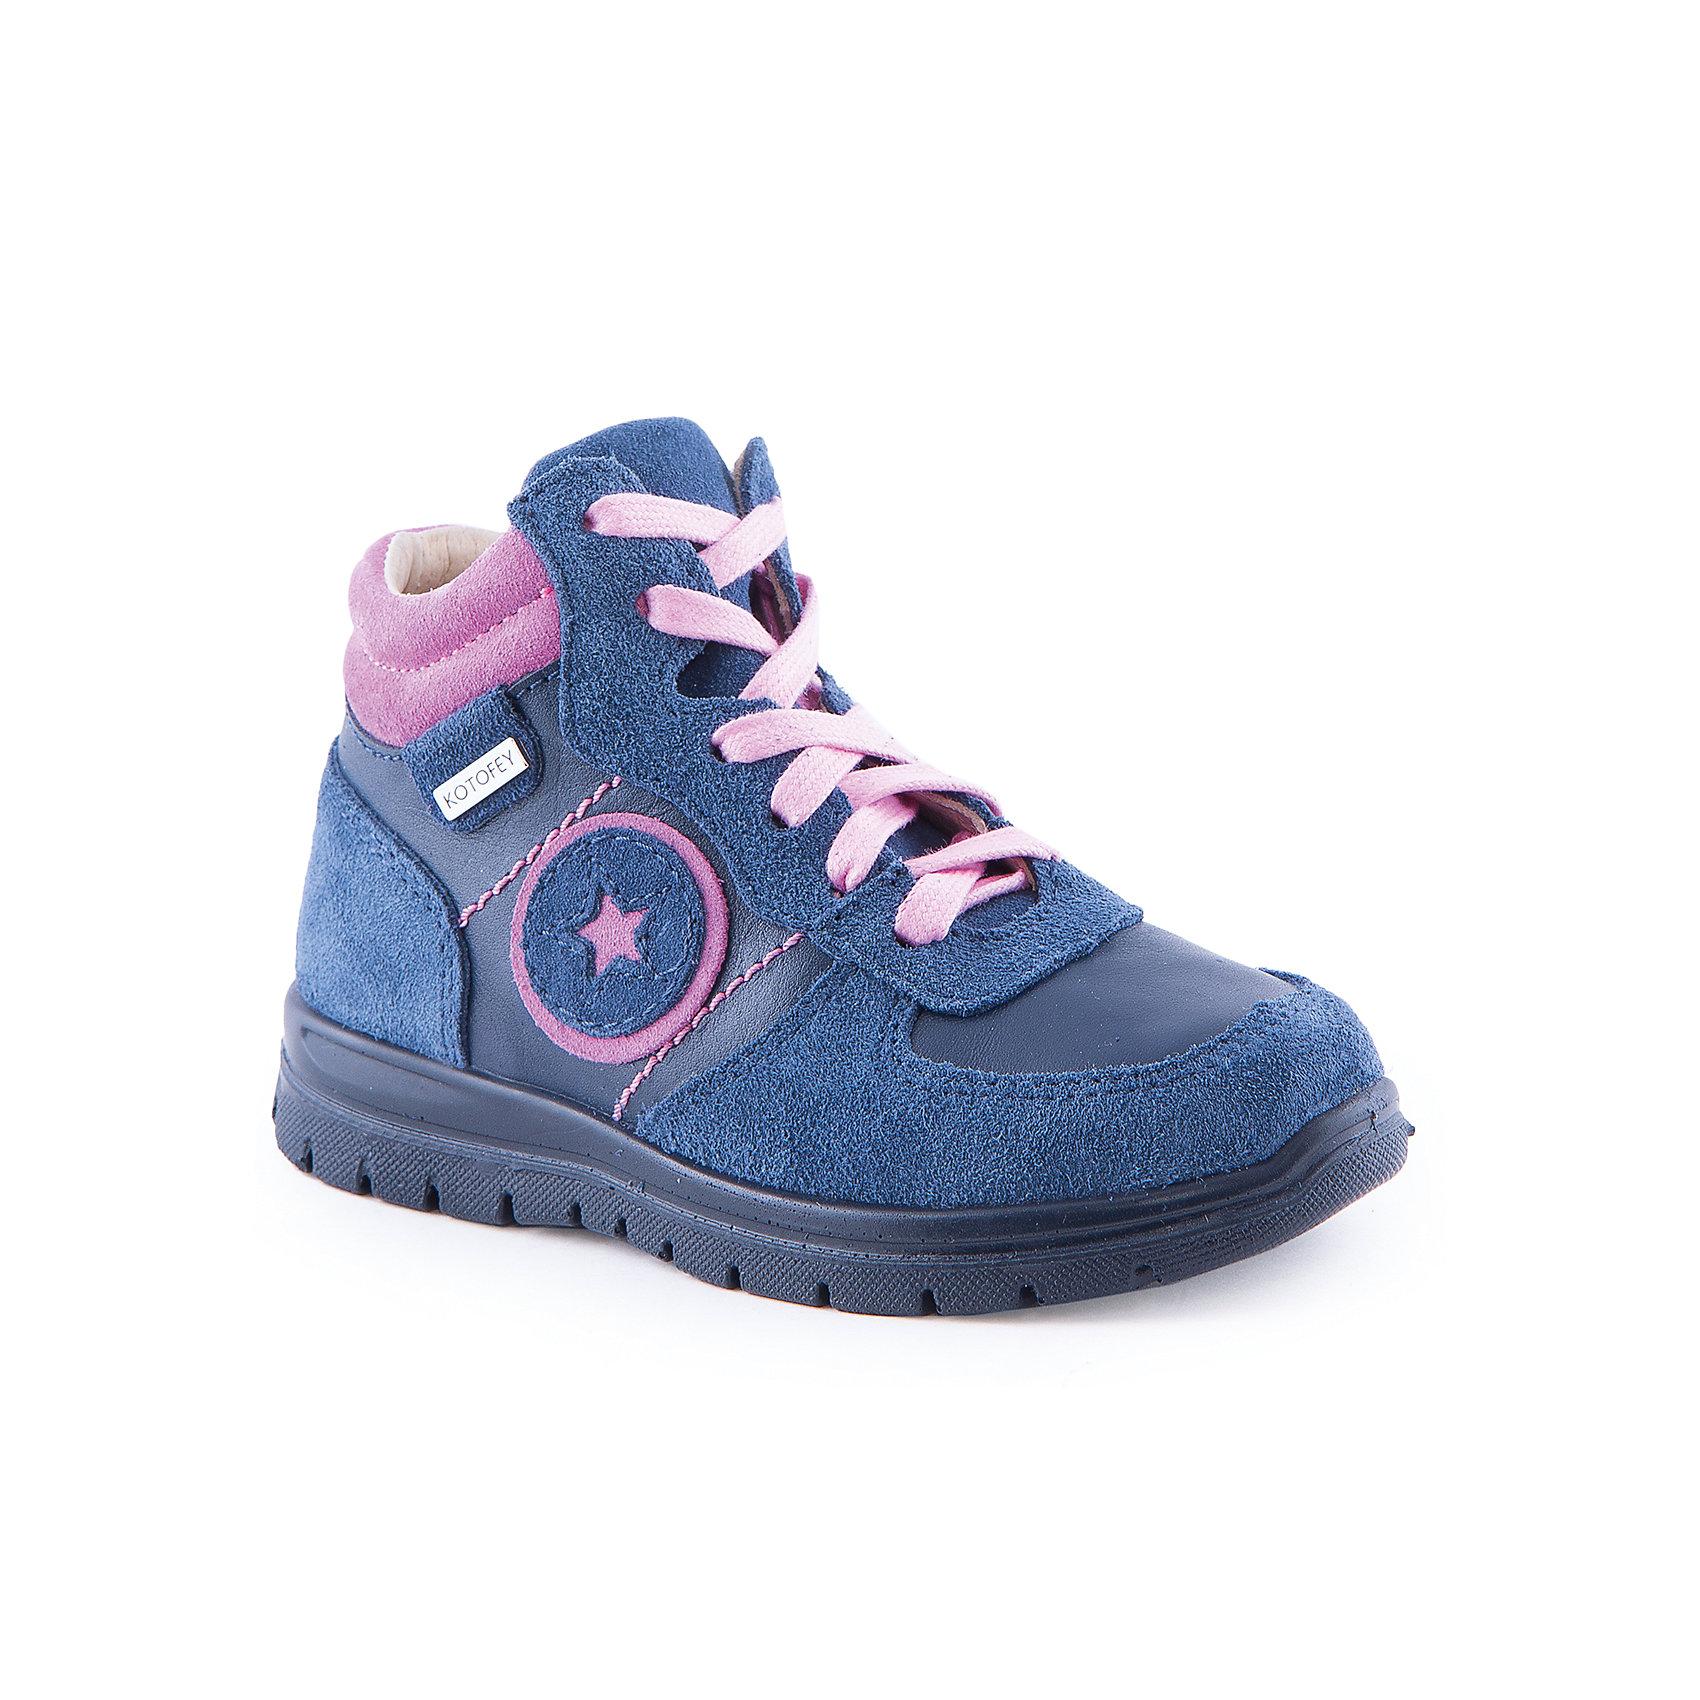 Ботинки для девочки КотофейБотинки для девочки от известного российского бренда Котофей<br><br>Синие модные ботинки на байке помогут защитить детские ножки от сырости и холода. Они легко надеваются, комфортно садятся по ноге. <br>Изделия украшены контрастной вставкой, она плотно прилегает к ноге и обеспечивает дополнительное утепление. Помимо яркой шнуровки, на ботинках есть удобная боковая молния.<br><br>Особенности модели:<br><br>- цвет - синий;<br>- молния сбоку;<br>- яркая вставка;<br>- верх – натуральная кожа;<br>- комфортная колодка;<br>- подкладка из кожи;<br>- вид крепления – литьевой;<br>- декорированы аппликацией;<br>- защита пятки и пальцев;<br>- амортизирующая устойчивая подошва;<br>- шнуровка.<br><br>Дополнительная информация:<br><br>Температурный режим:<br><br>от +5° С до +20° С<br><br>Состав:<br>верх – натуральная кожа;<br>подкладка - натуральная кожа;<br>подошва - ПУ.<br><br>Ботинки для девочки Котофей можно купить в нашем магазине.<br><br>Ширина мм: 262<br>Глубина мм: 176<br>Высота мм: 97<br>Вес г: 427<br>Цвет: синий<br>Возраст от месяцев: 48<br>Возраст до месяцев: 60<br>Пол: Женский<br>Возраст: Детский<br>Размер: 28,29,30,27<br>SKU: 4565697